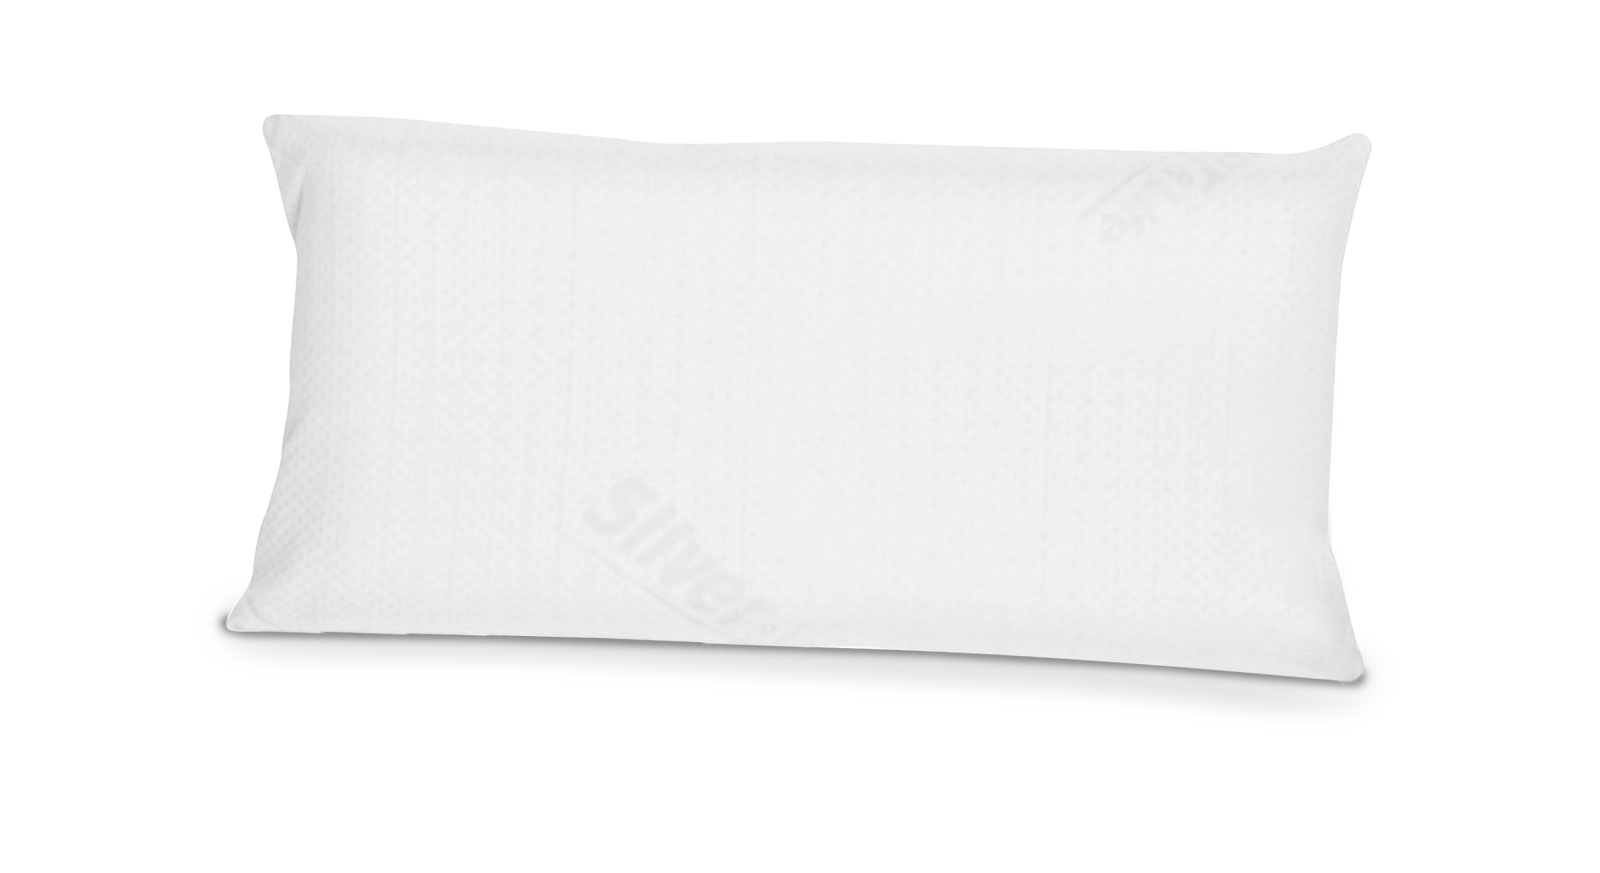 Bequemes Softgel-Nackenstützkissen nightstyle mit hervorragender Belüftung